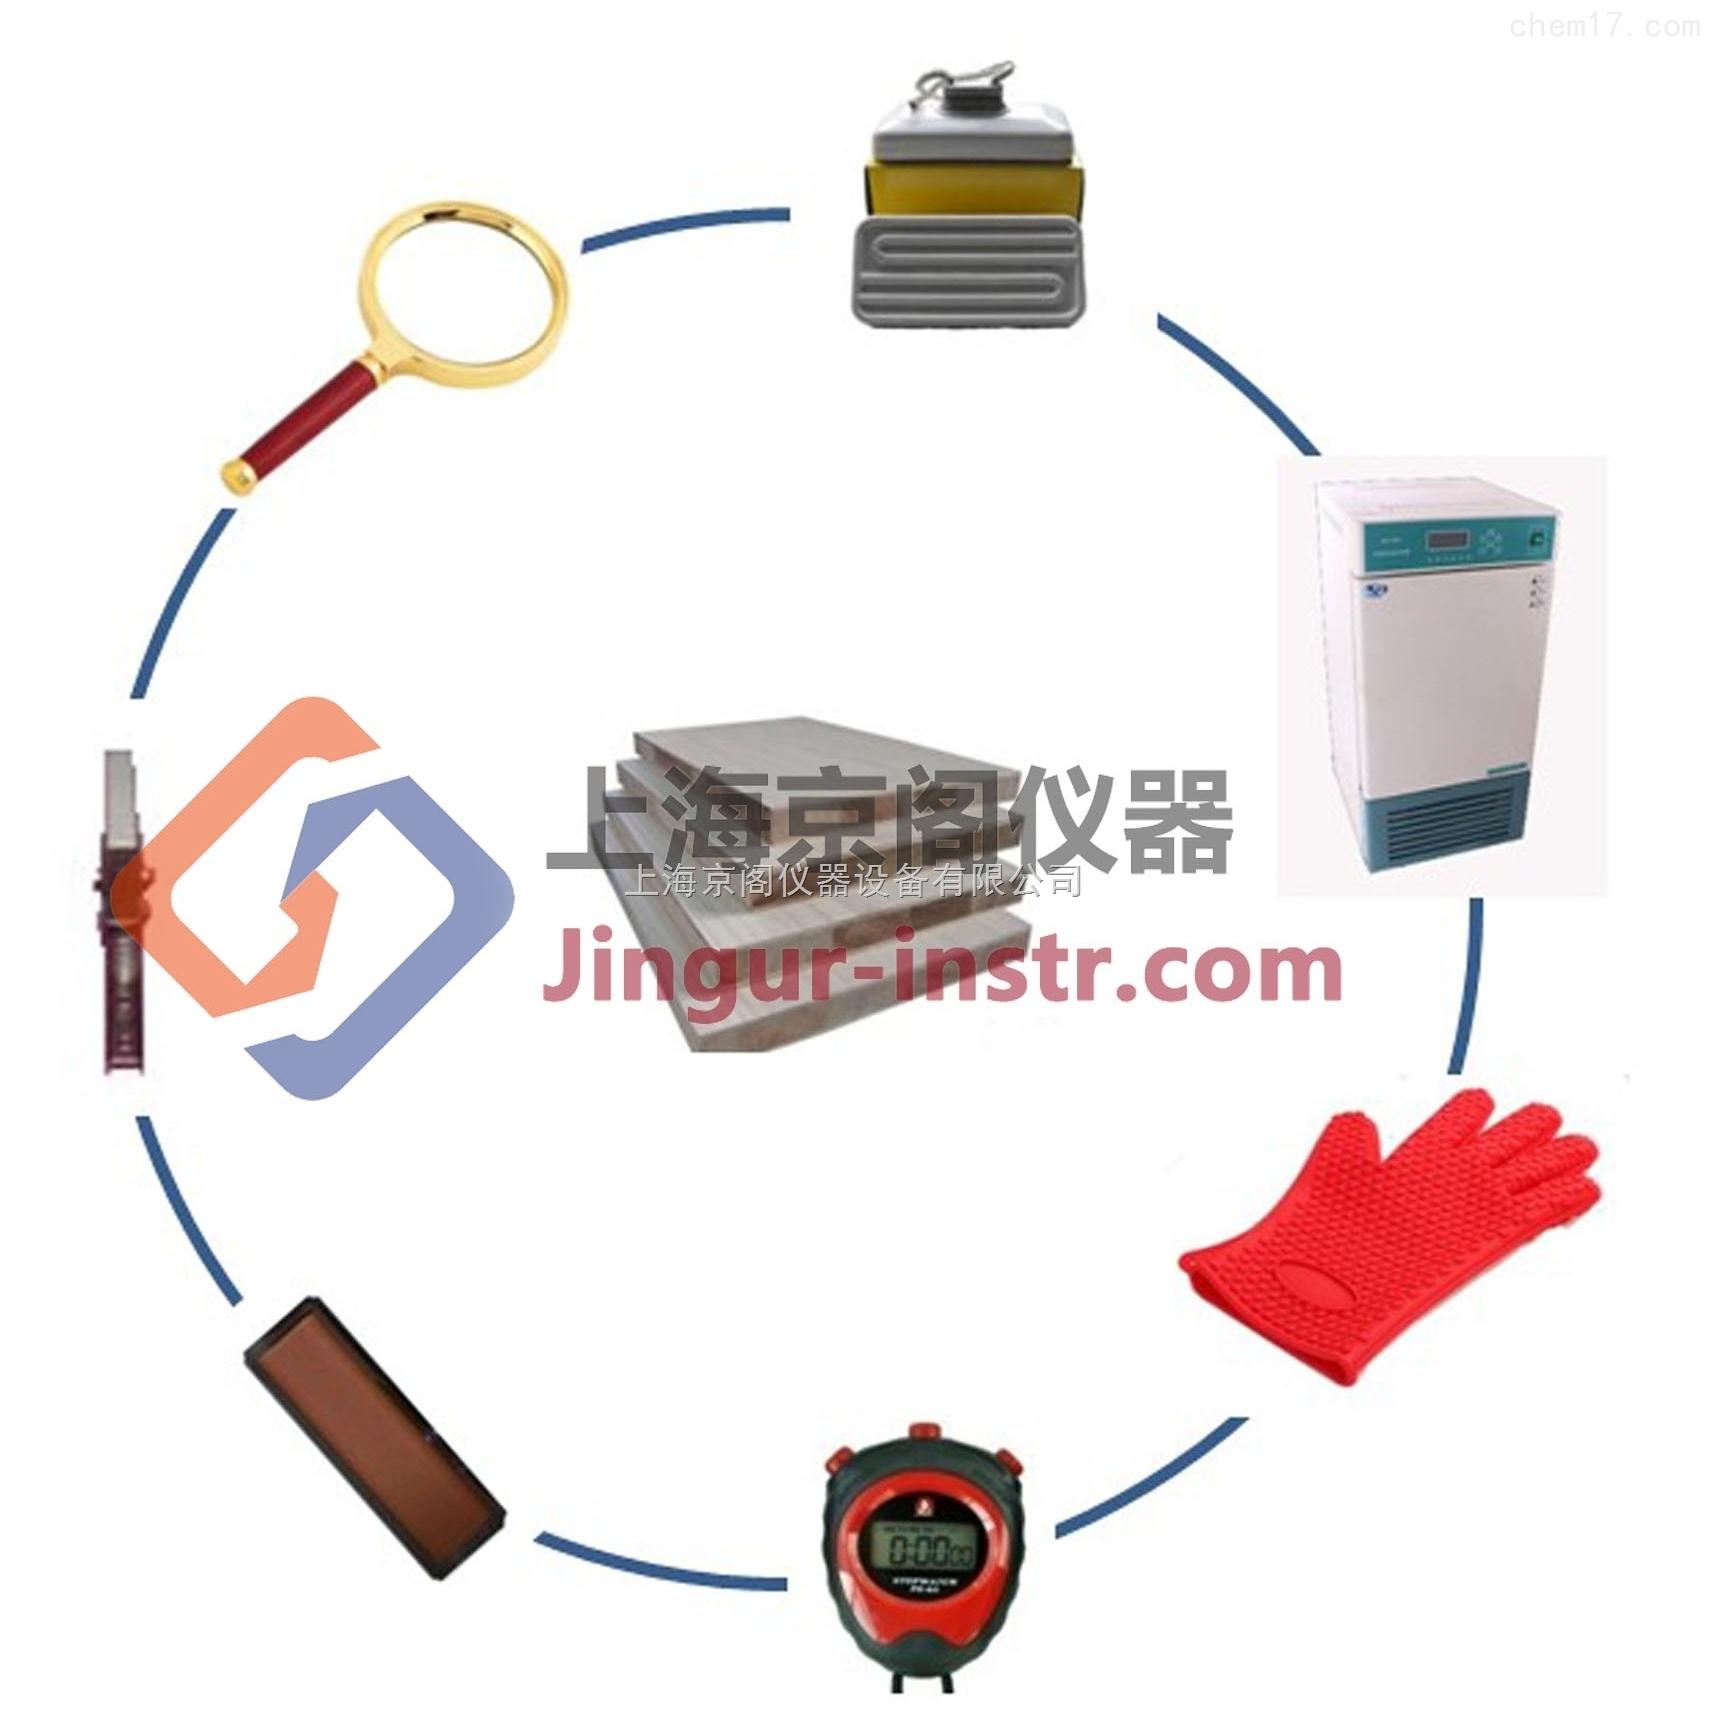 干燥器法甲醛检测仪